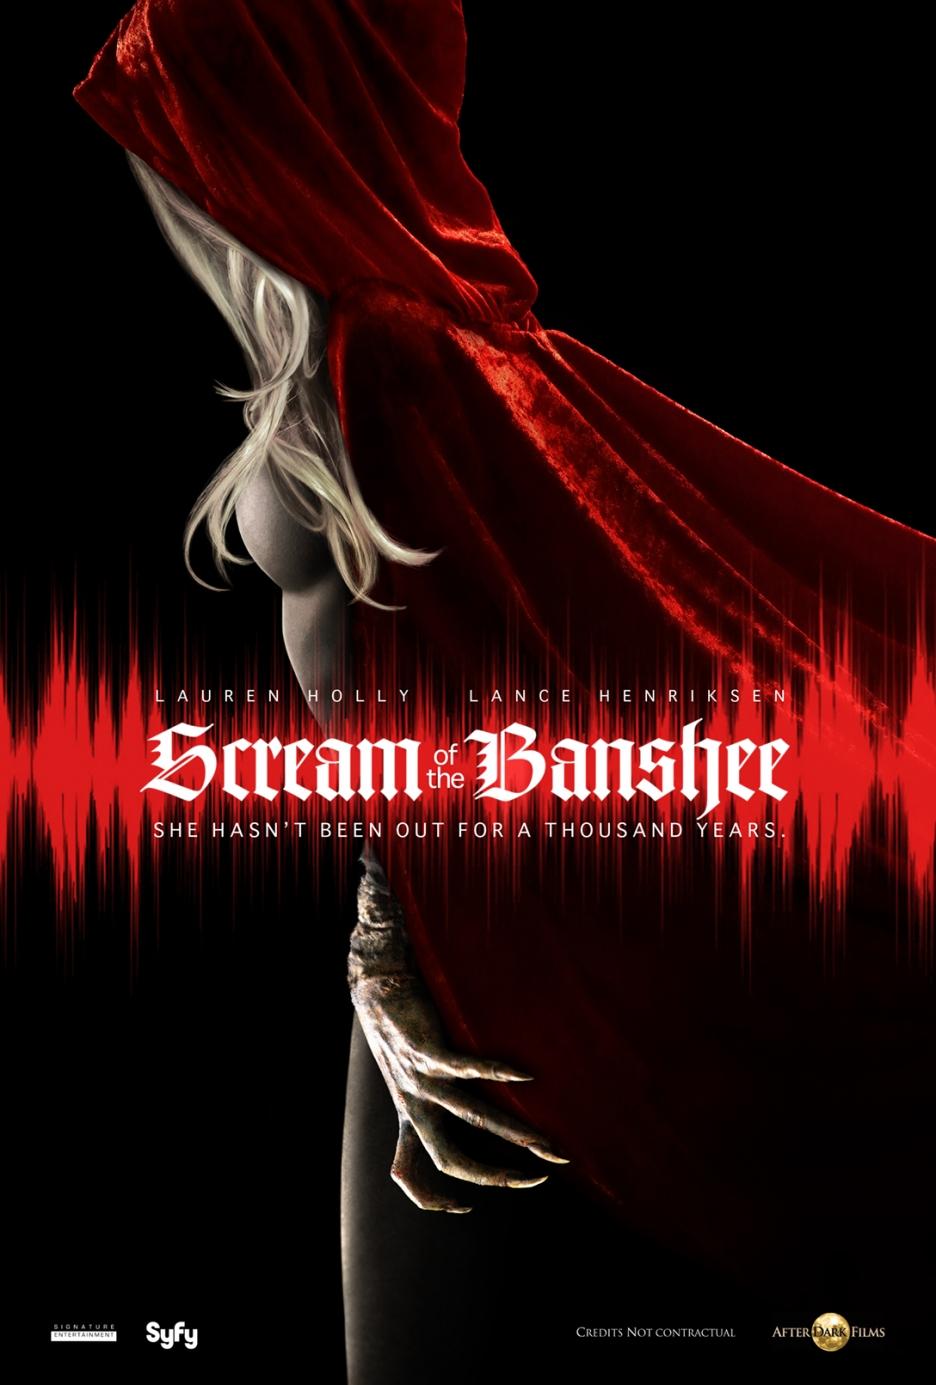 http://3.bp.blogspot.com/-l_IF7zUpWK4/T_k_3WtaibI/AAAAAAAABlA/n_tBhpv17nc/s1600/Scream%2BOf%2BThe%2BBanshee%2B2011%2B360s.vn.jpg